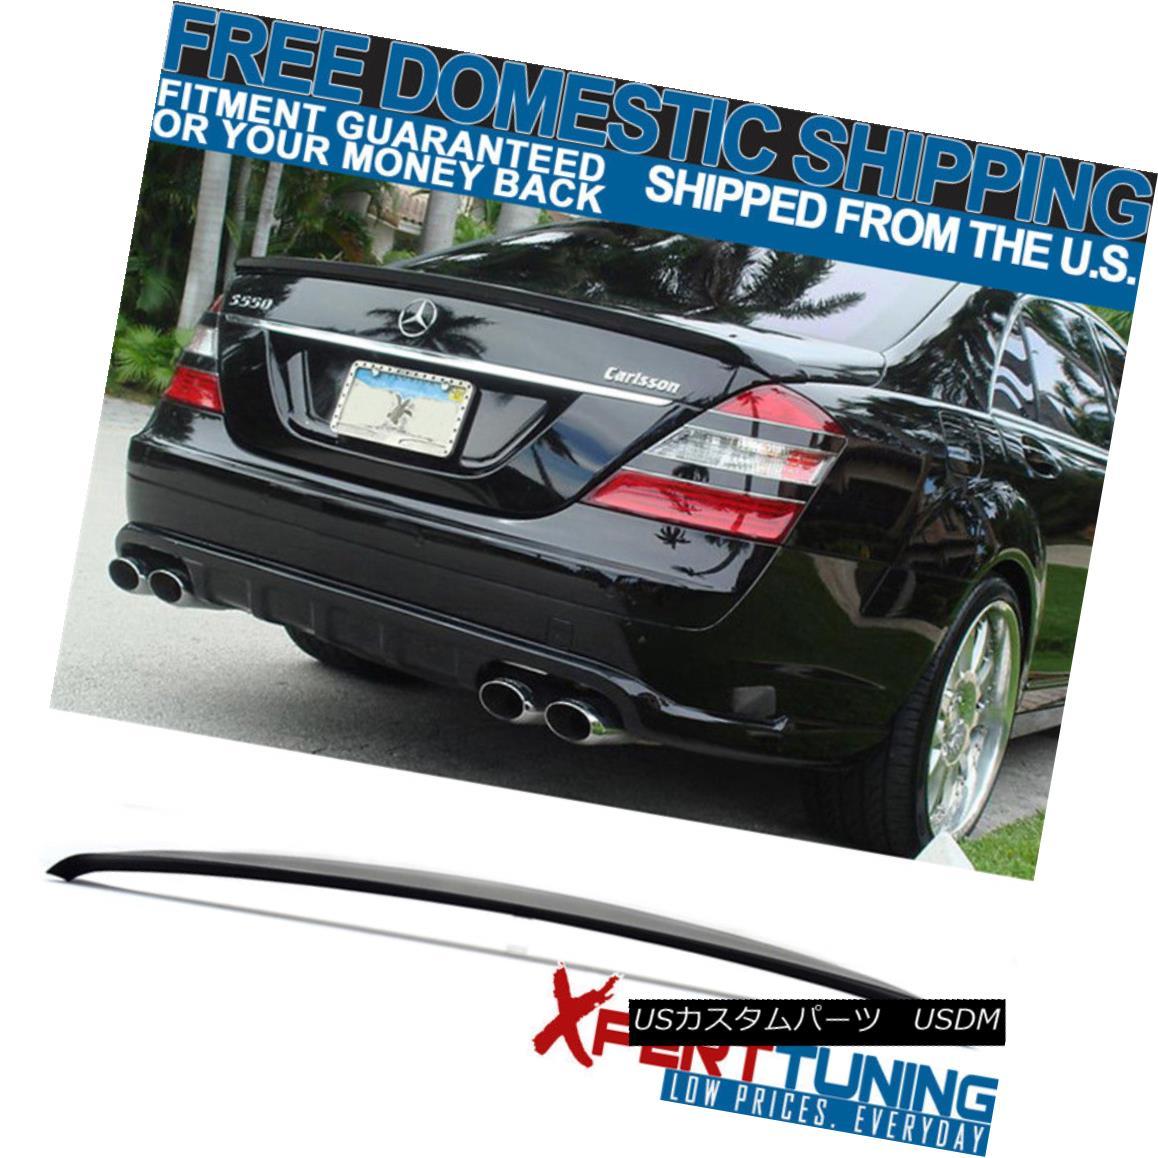 エアロパーツ Fit For 2007-2013 Benz S-Class W221 4Dr Sedan AMG Unpainted ABS Trunk Spoiler 2007-2013ベンツSクラスW221 4DrセダンAMG未塗装ABSトランク・スポイラー